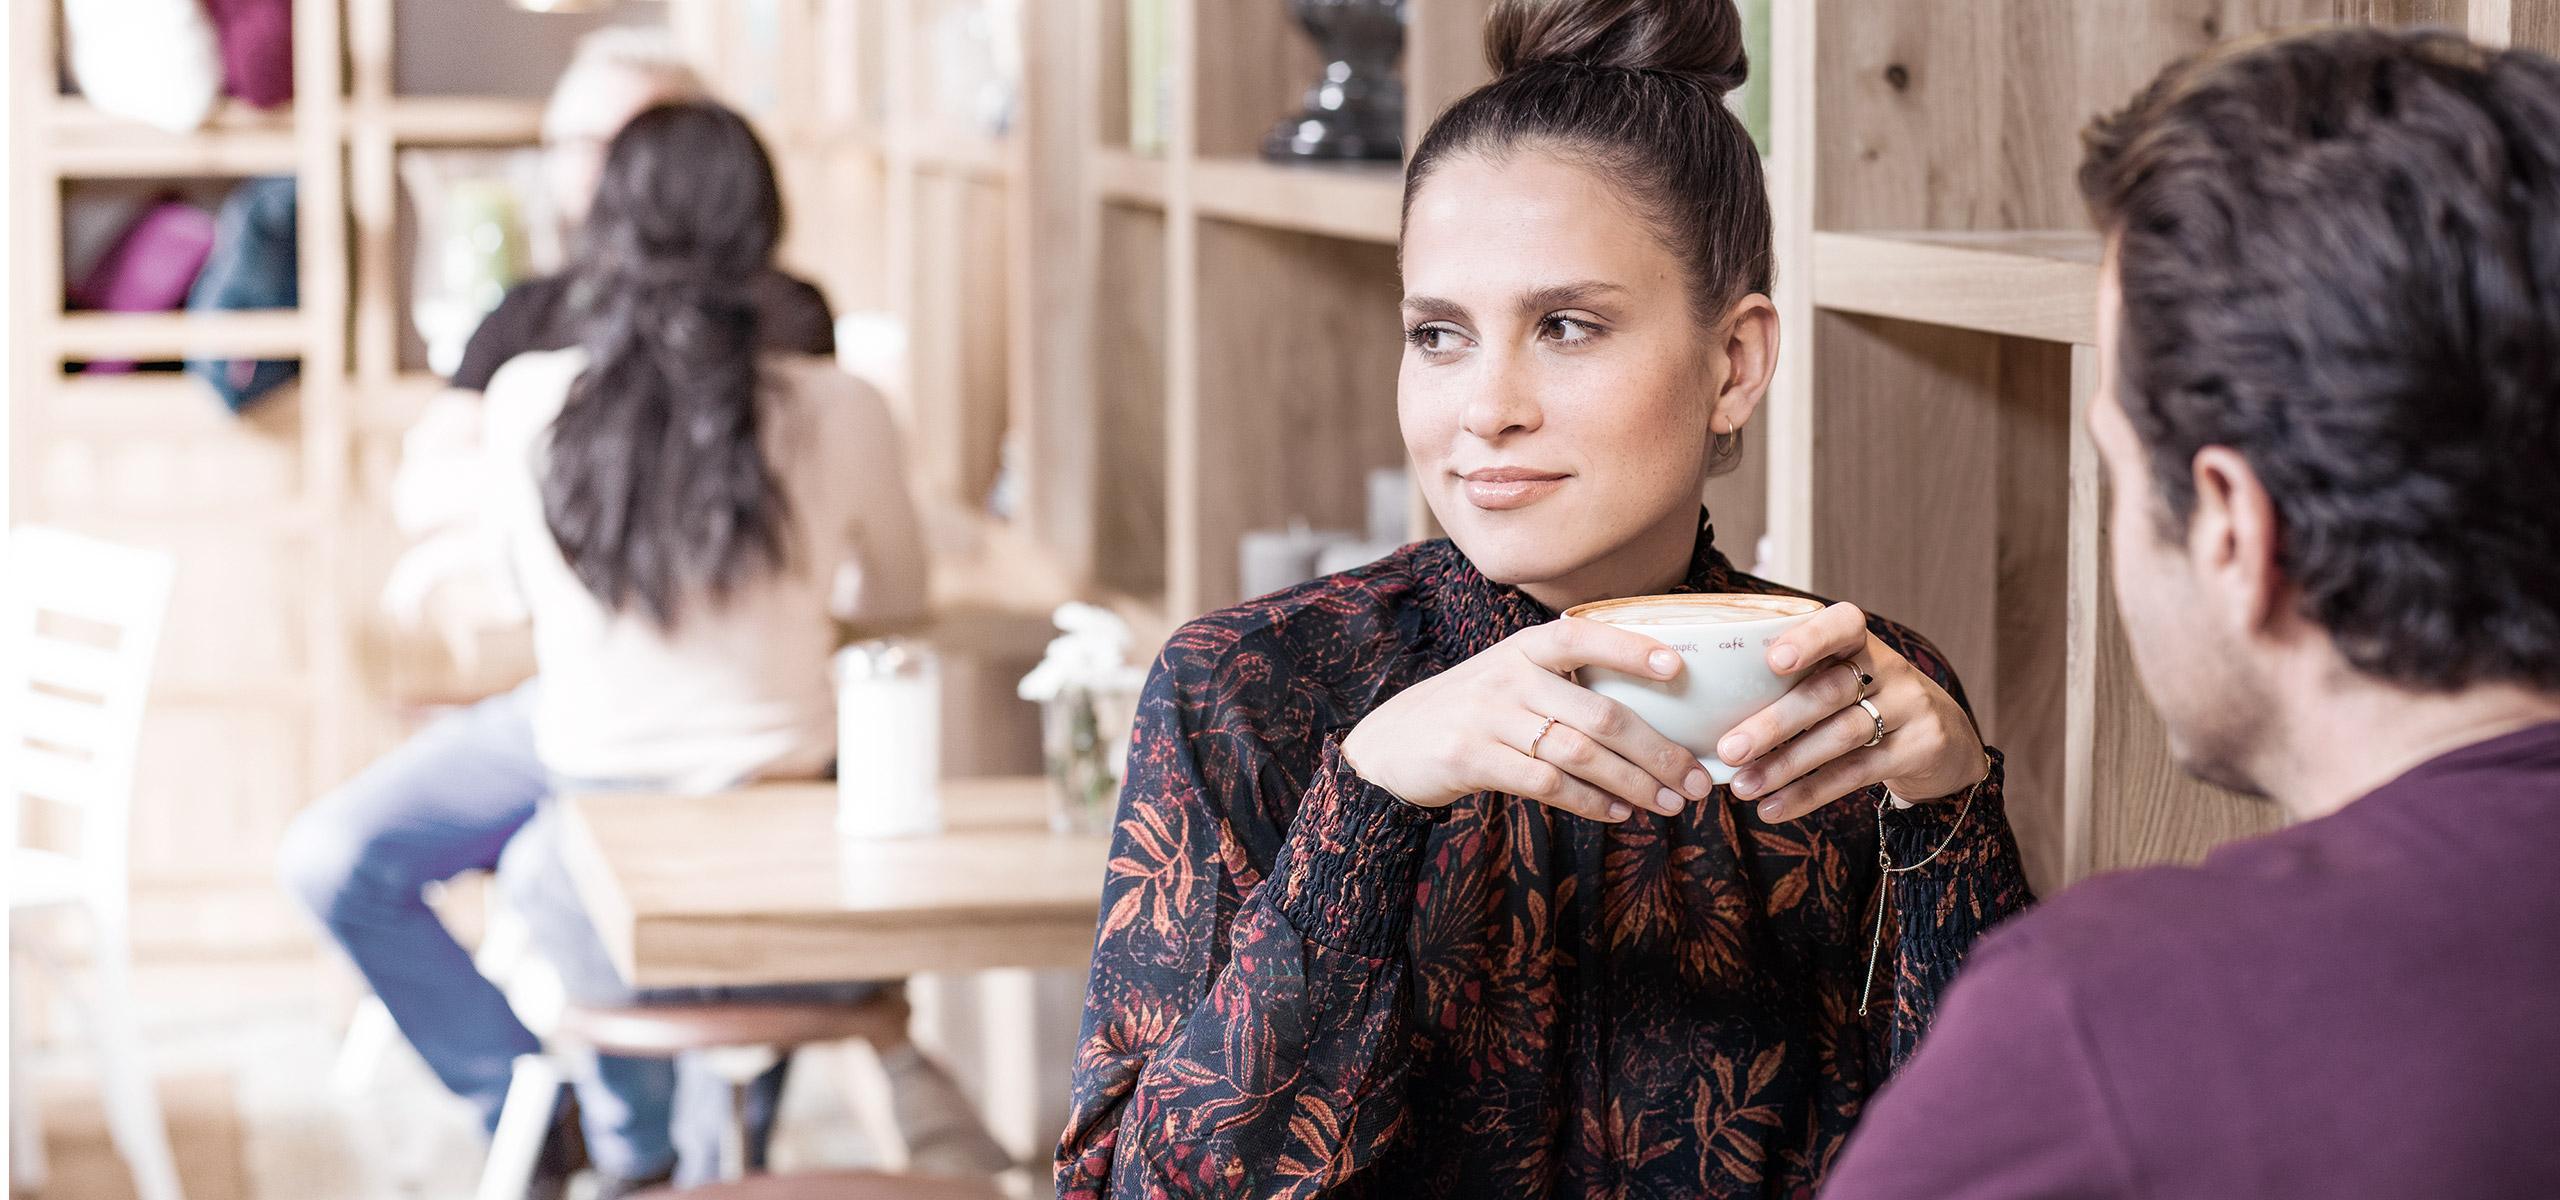 BRITA café pareja bebiendo café